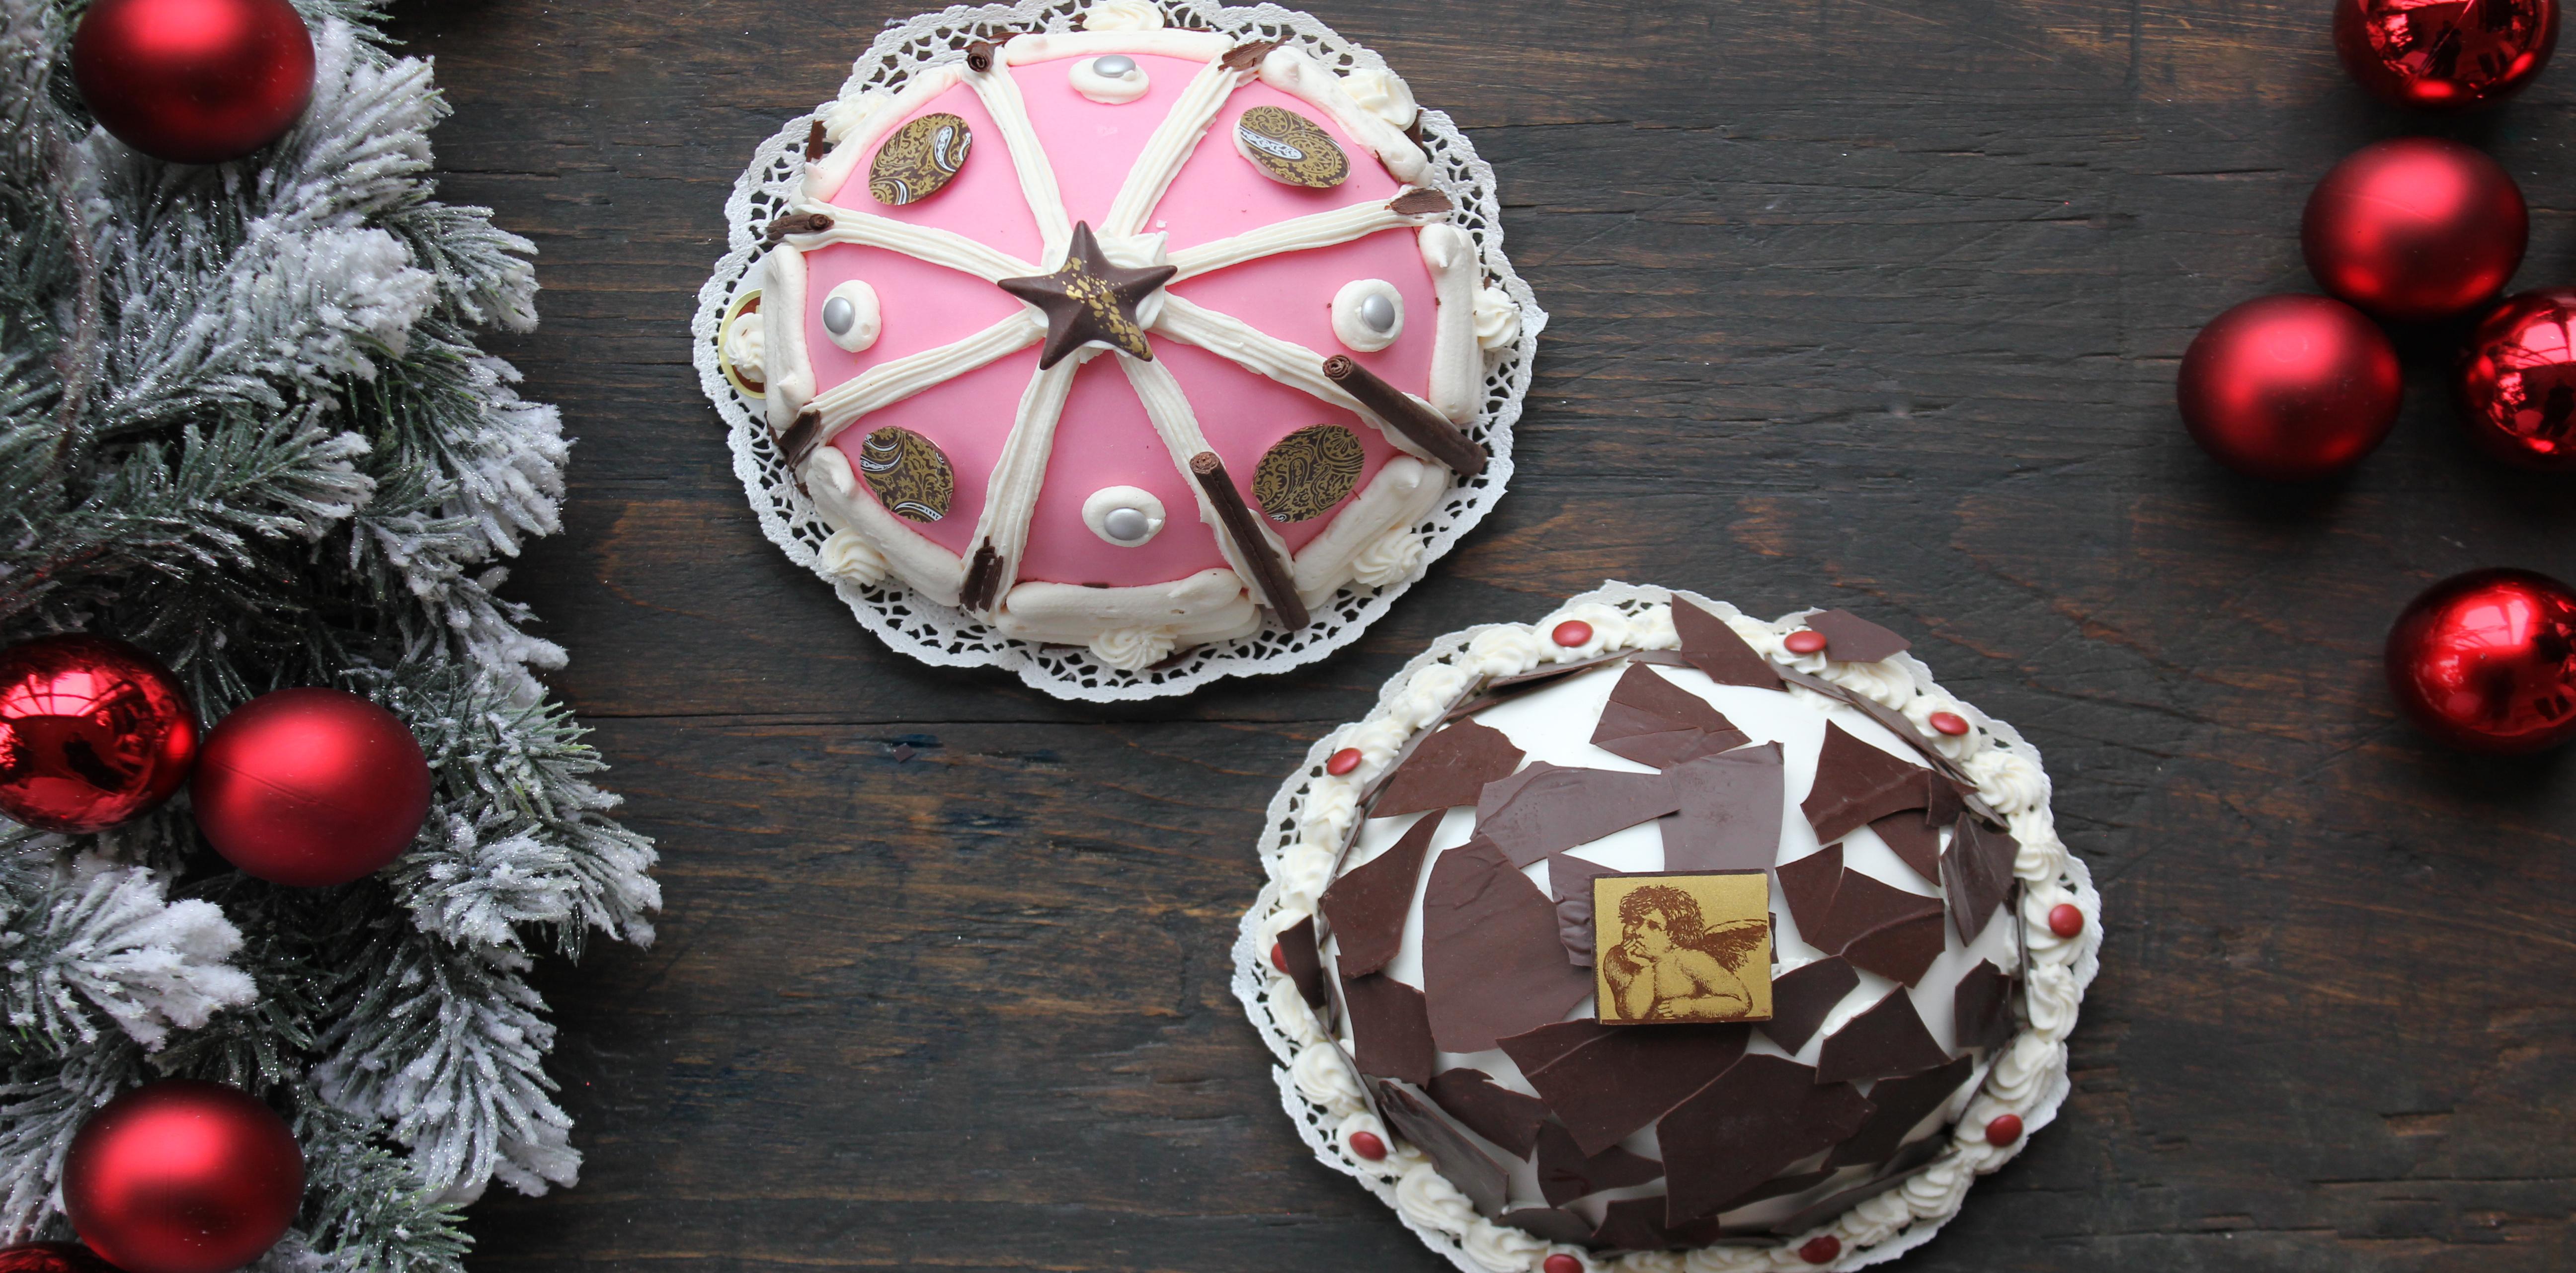 Baeckerei_Buergin_Eisbombe_Torten_Weihnachten_Dessert